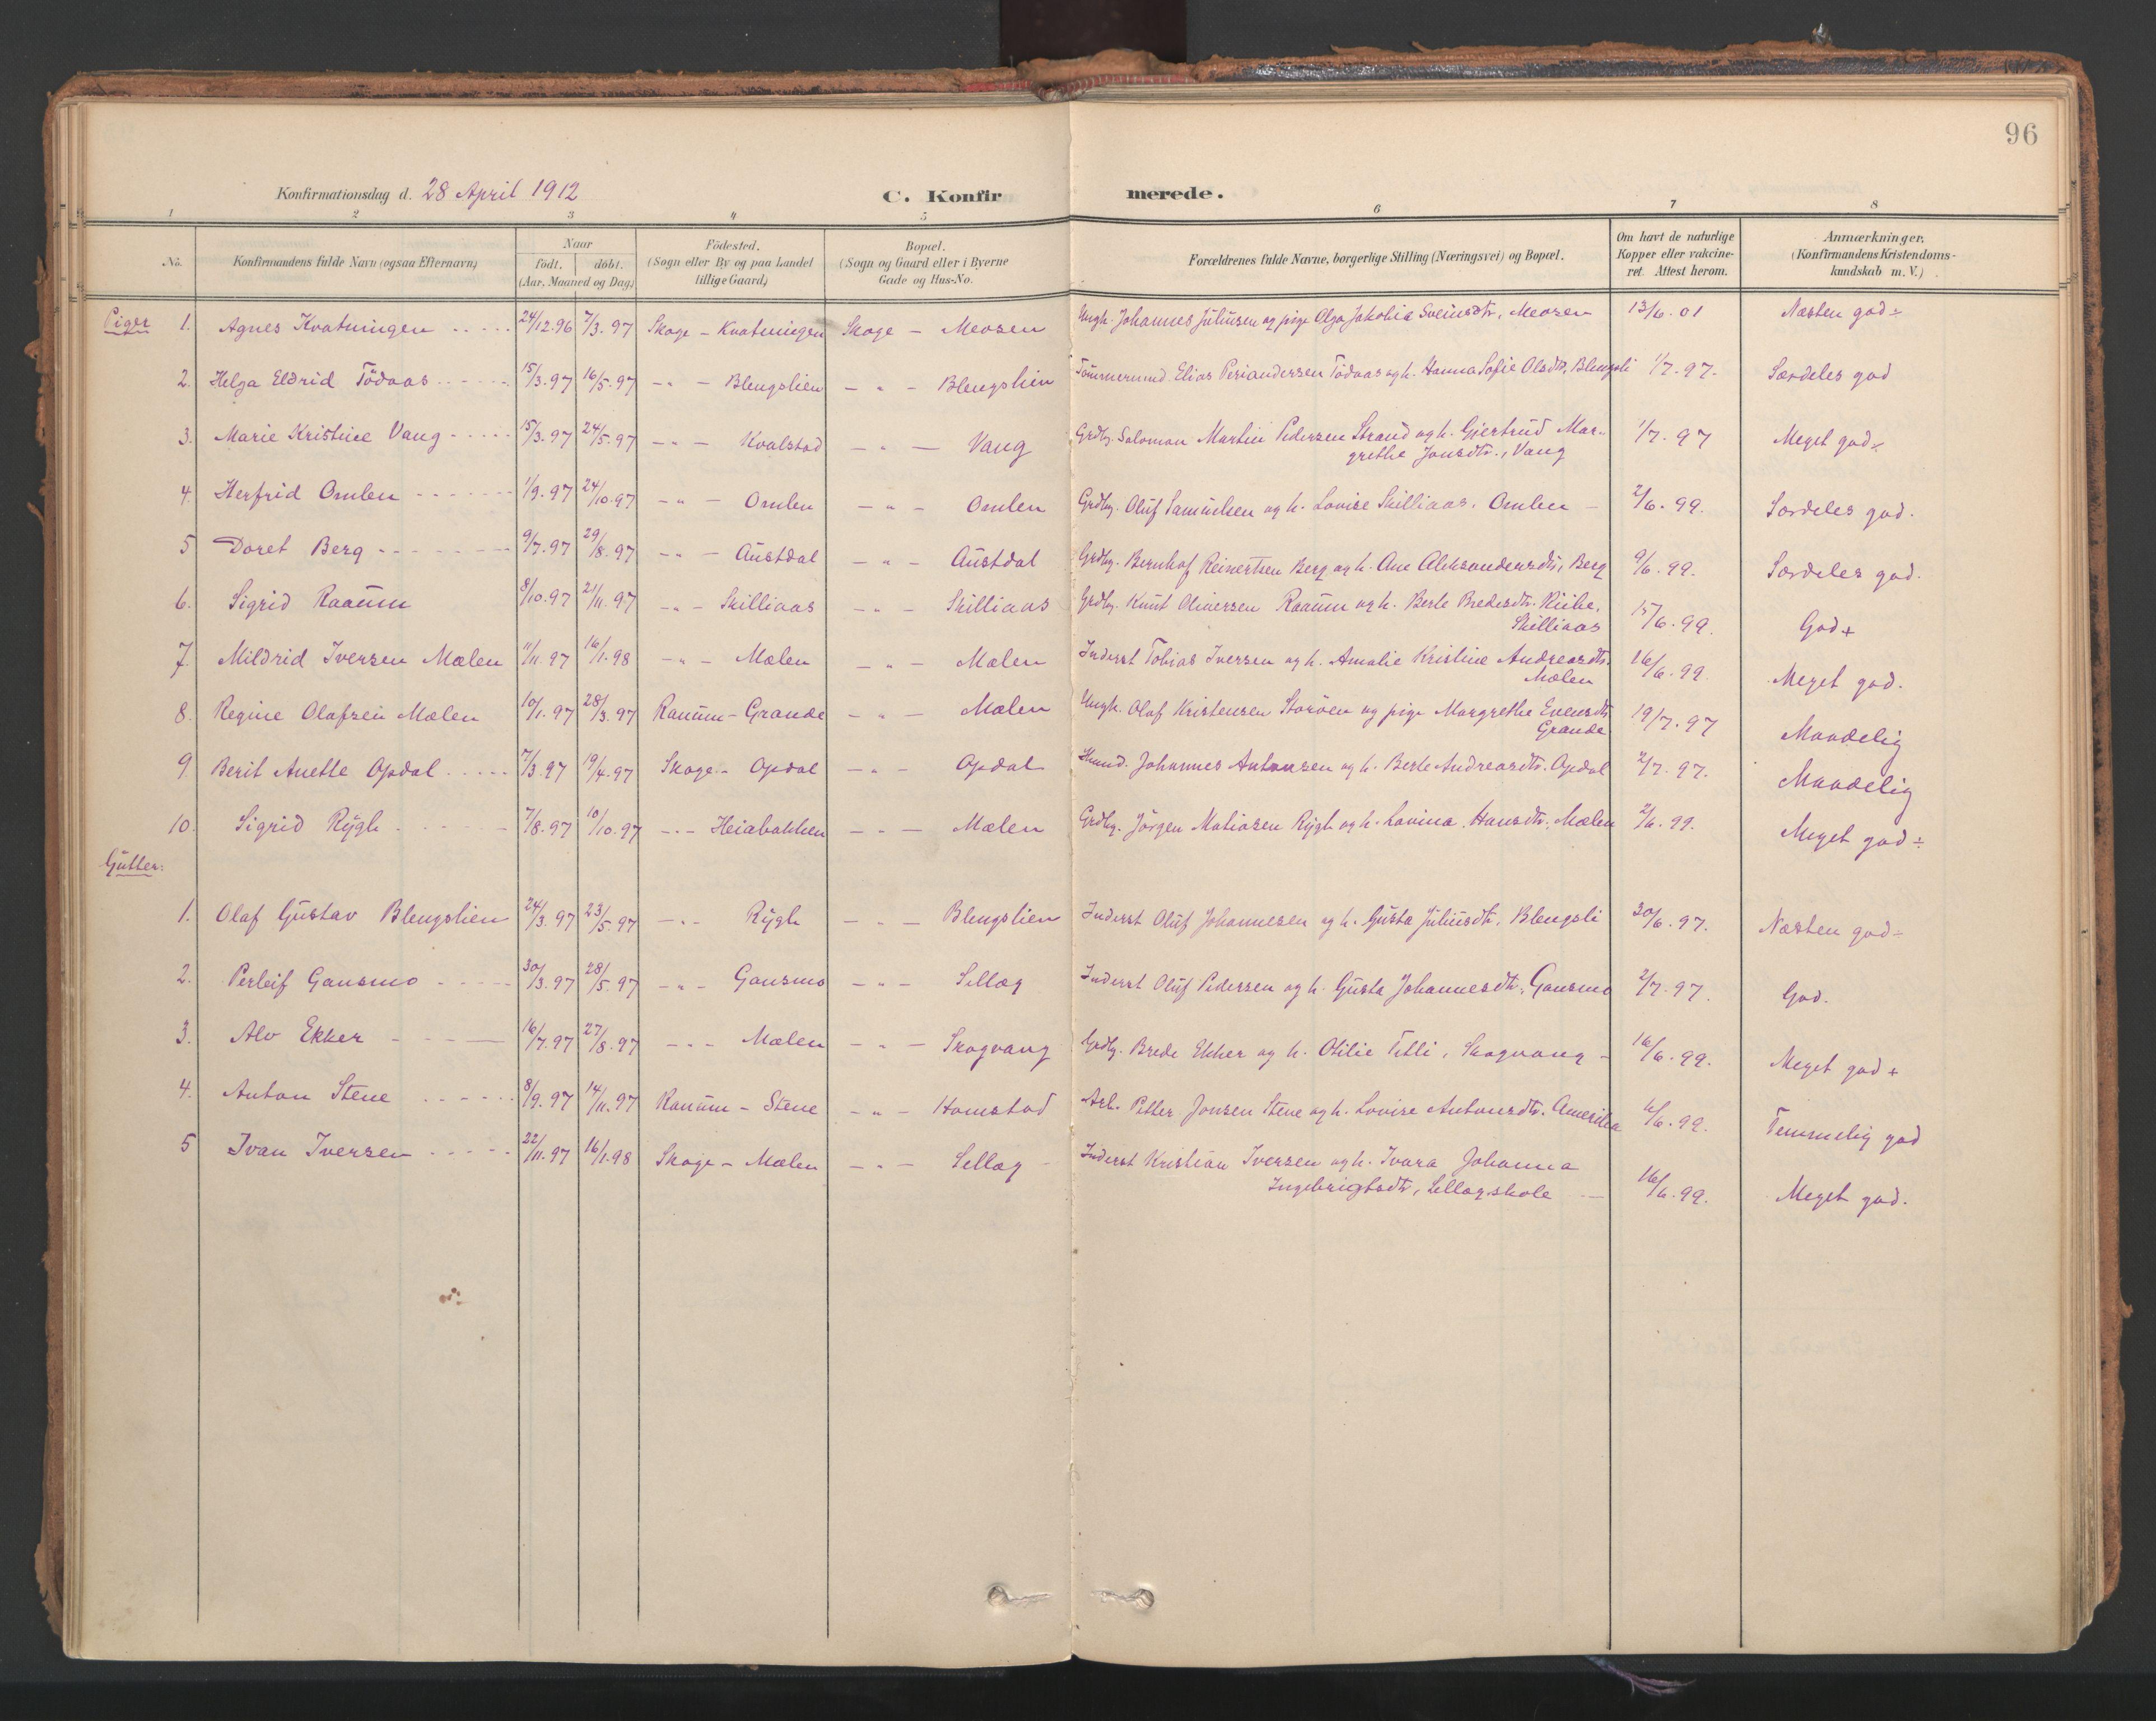 SAT, Ministerialprotokoller, klokkerbøker og fødselsregistre - Nord-Trøndelag, 766/L0564: Ministerialbok nr. 767A02, 1900-1932, s. 96